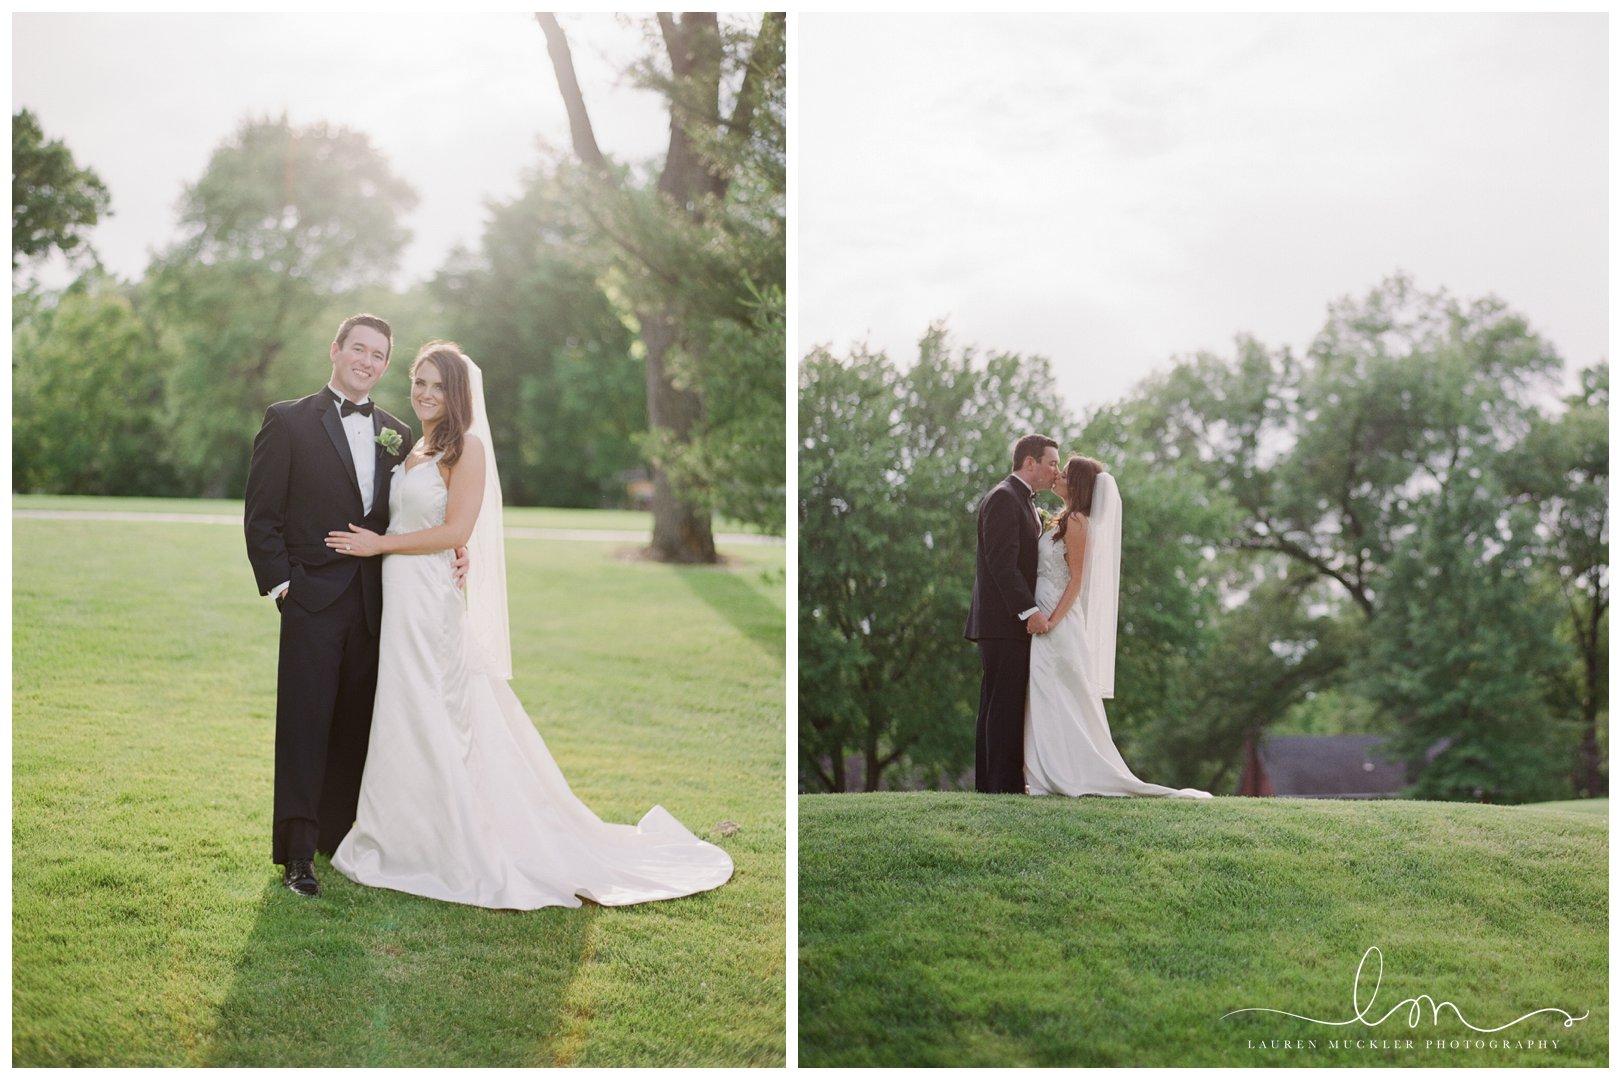 lauren muckler photography_fine art film wedding photography_st louis_photography_0244.jpg